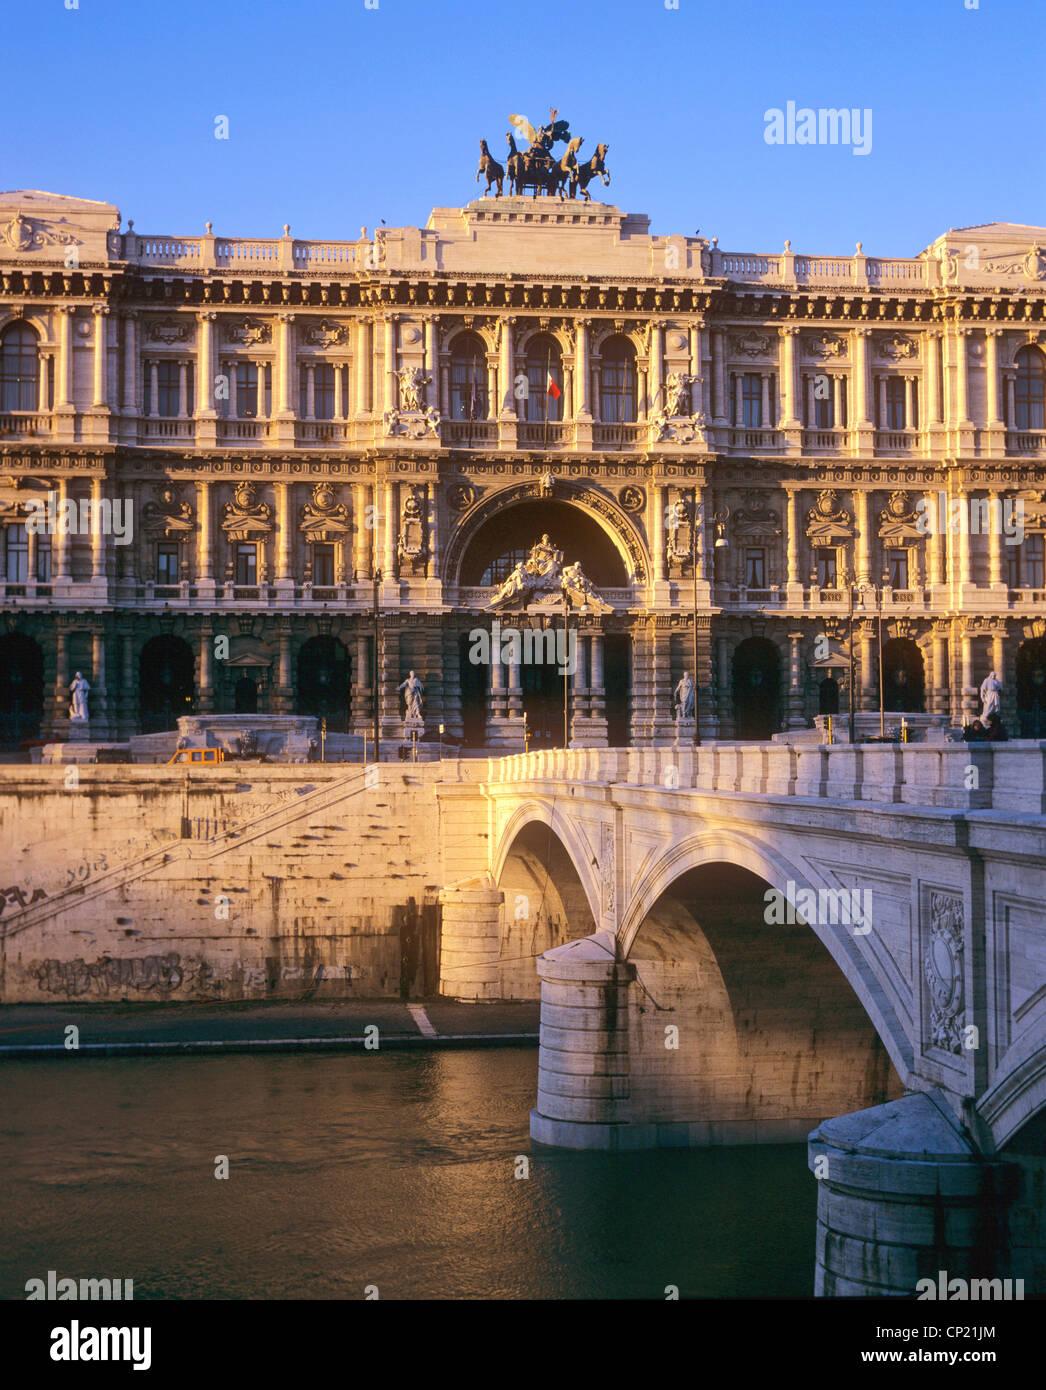 Rome, Palazzo di Giustizia, 1888 - 1910 by architect Guglielmo Calderini - Stock Image